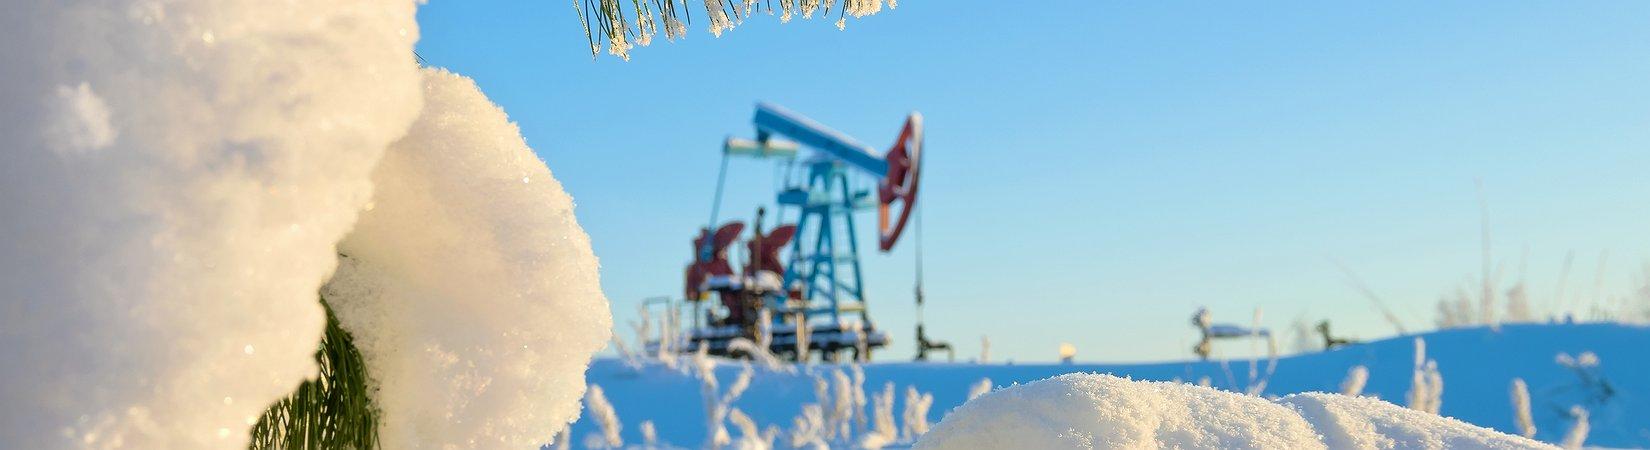 Qué esperar de los precios del petróleo en 2017